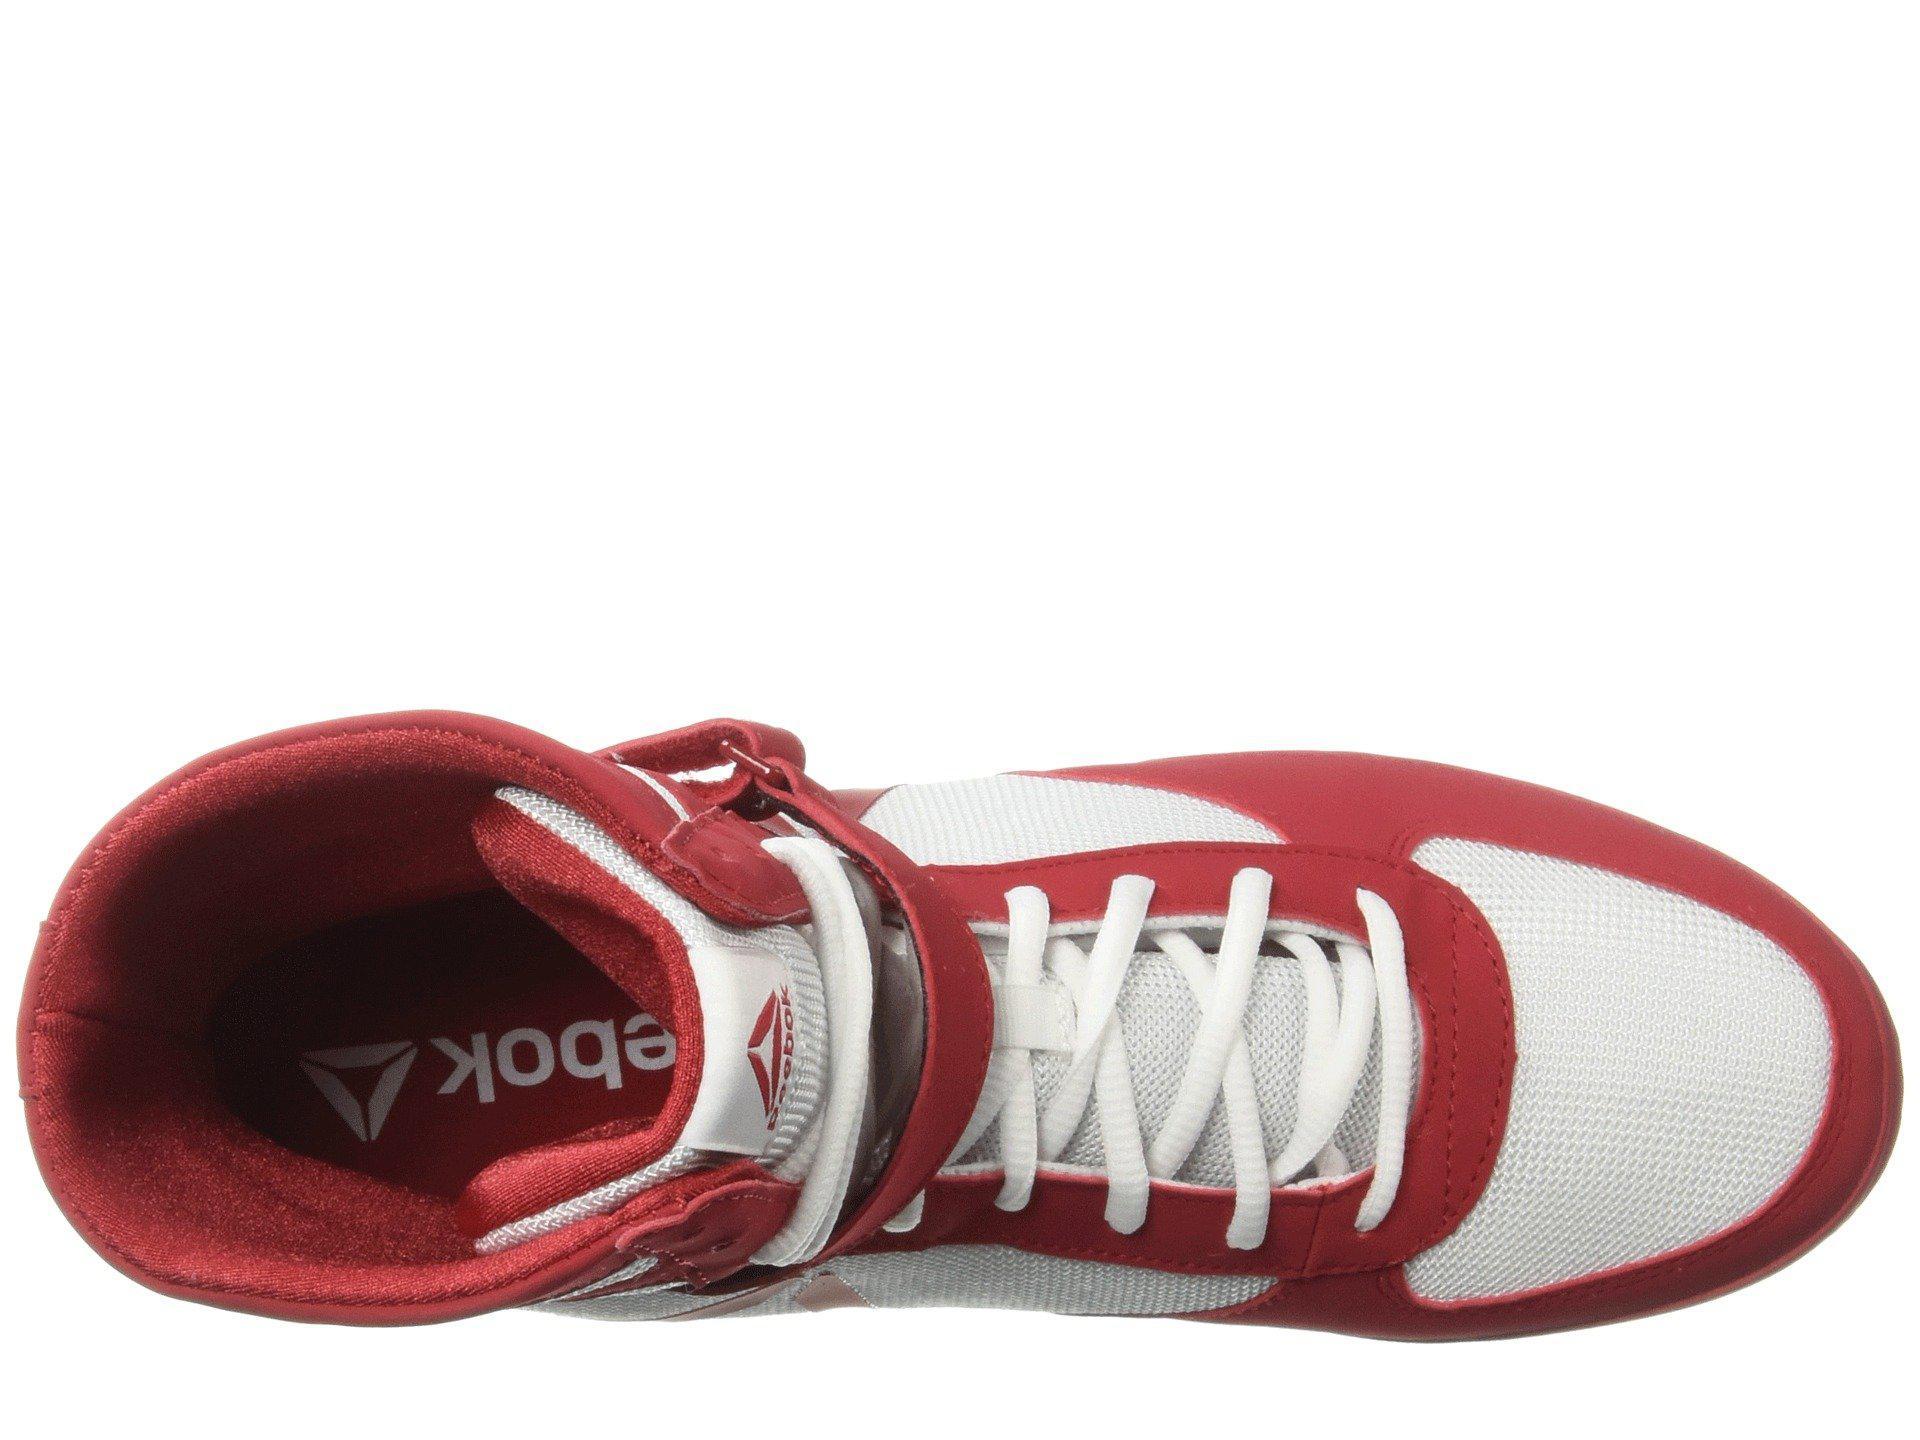 7829de5b222 Lyst - Reebok Boxing Boot - Buck (black white) Men s Shoes in Red ...